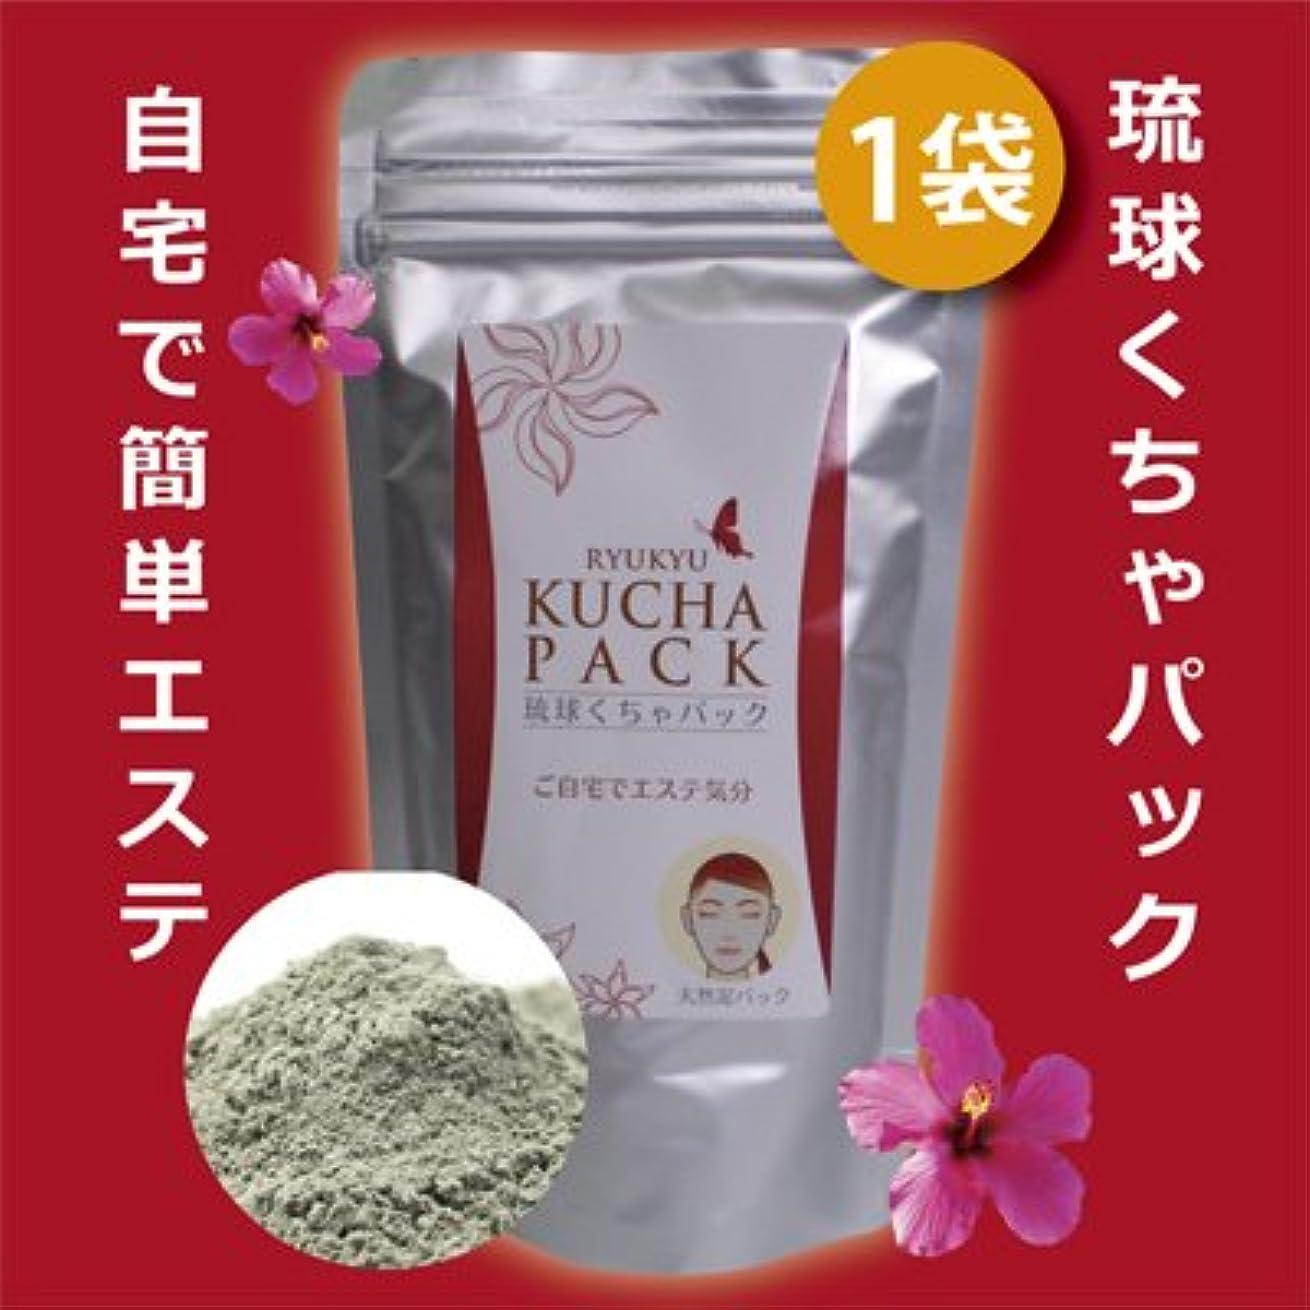 こねる本体一定美肌 健康作り 月桃水を加えた使いやすい粉末 沖縄産 琉球くちゃパック 1パック 150g